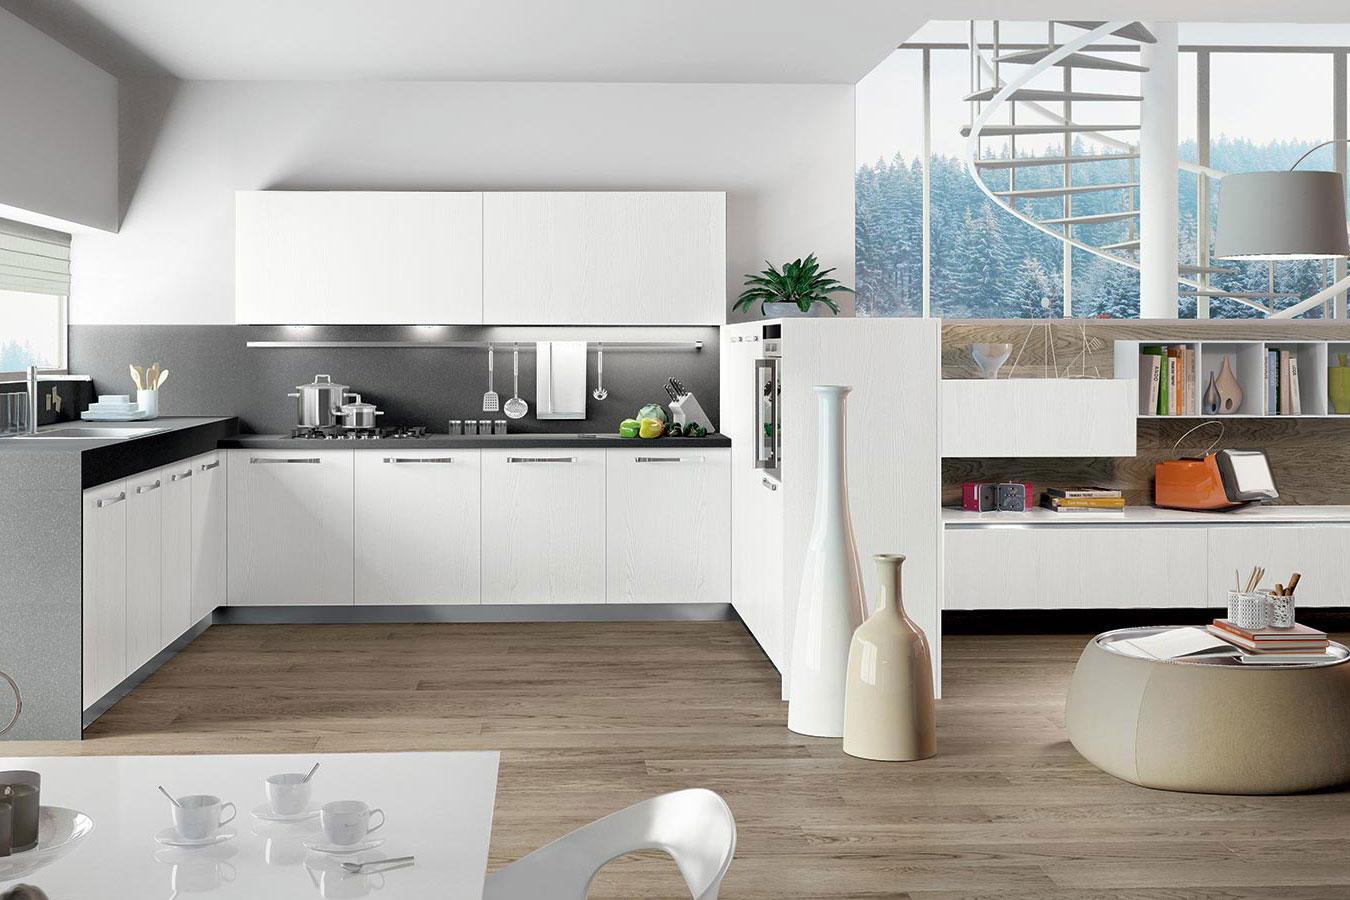 Cucina round di arredo3 righetti mobili novara for Programma per arredare cucina